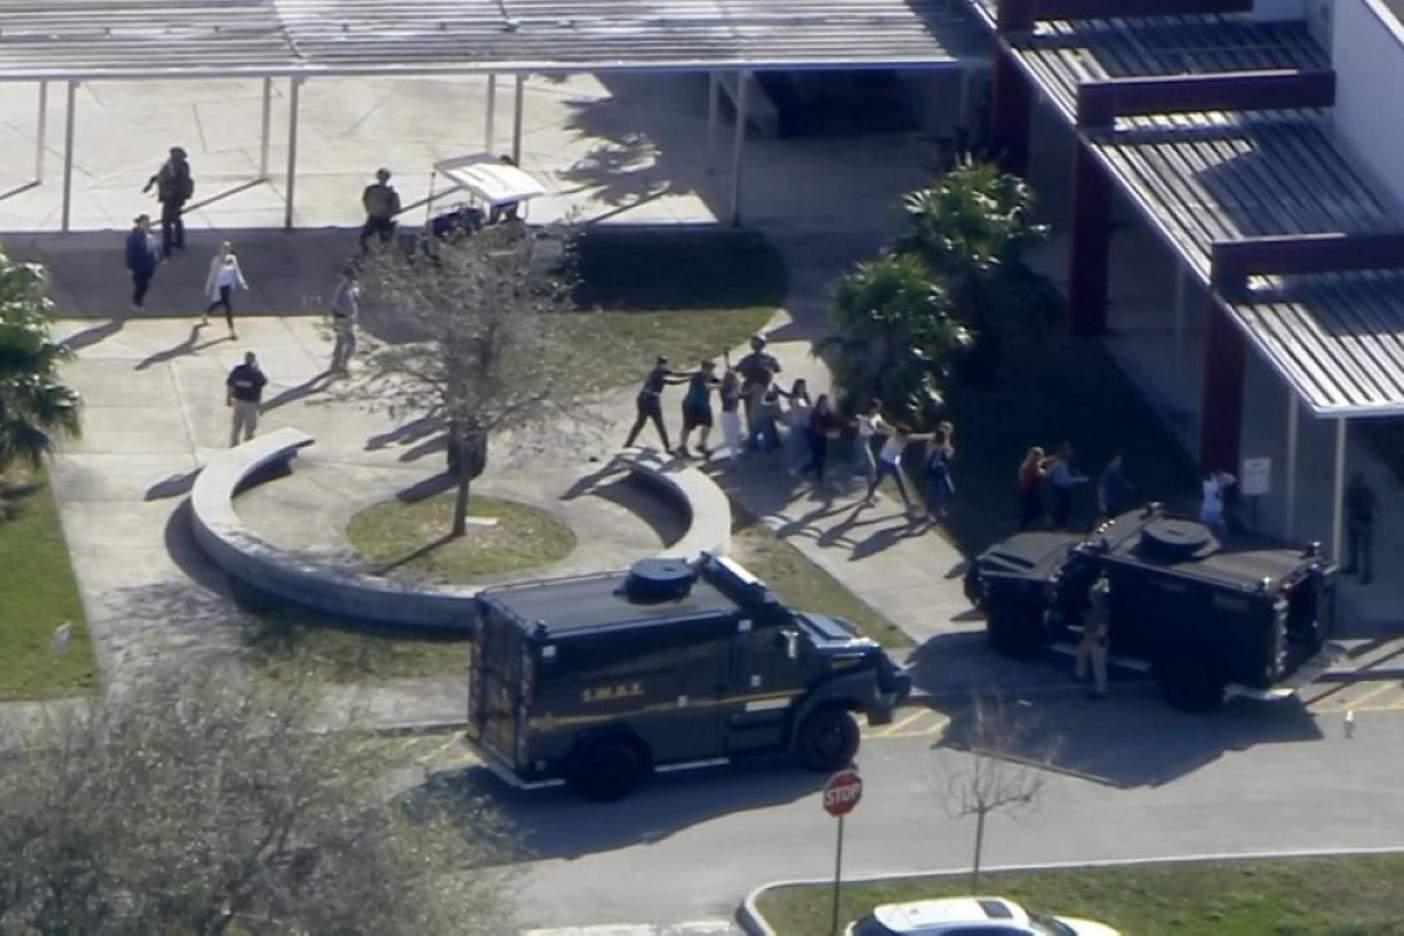 Ex alumno, agresor en escuela de Florida; suman 17 muertos